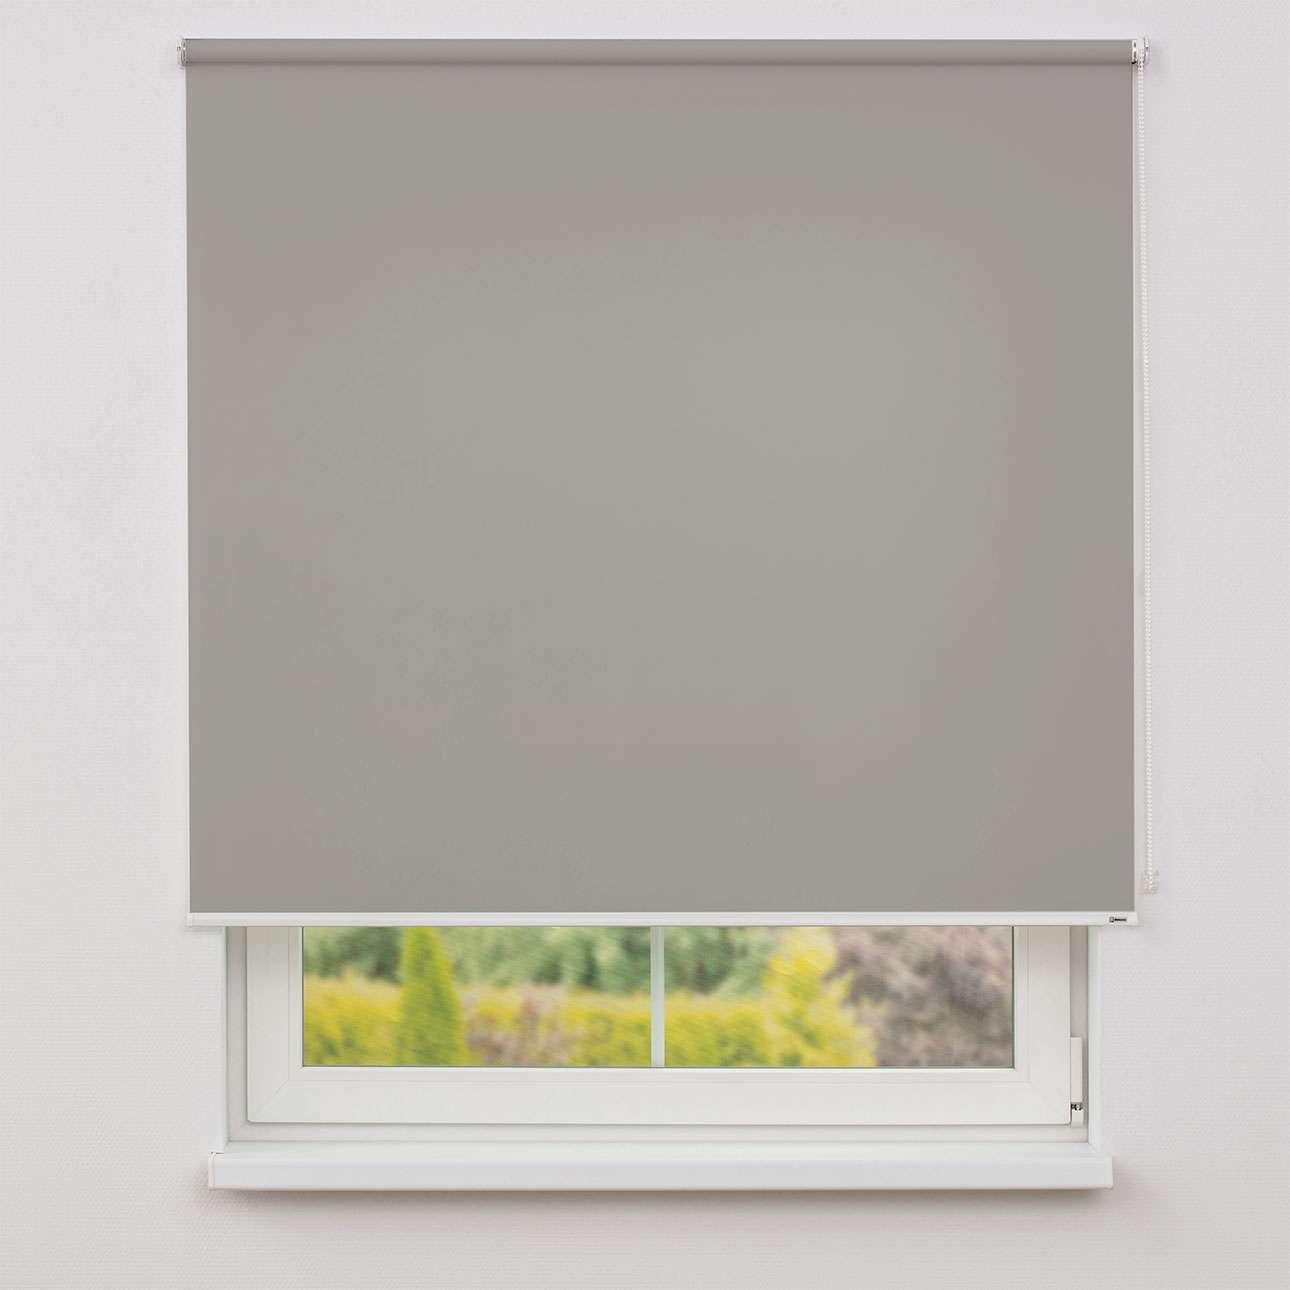 Rullegardiner transparent fra kollektionen Rullegardinstof, Stof: 4993